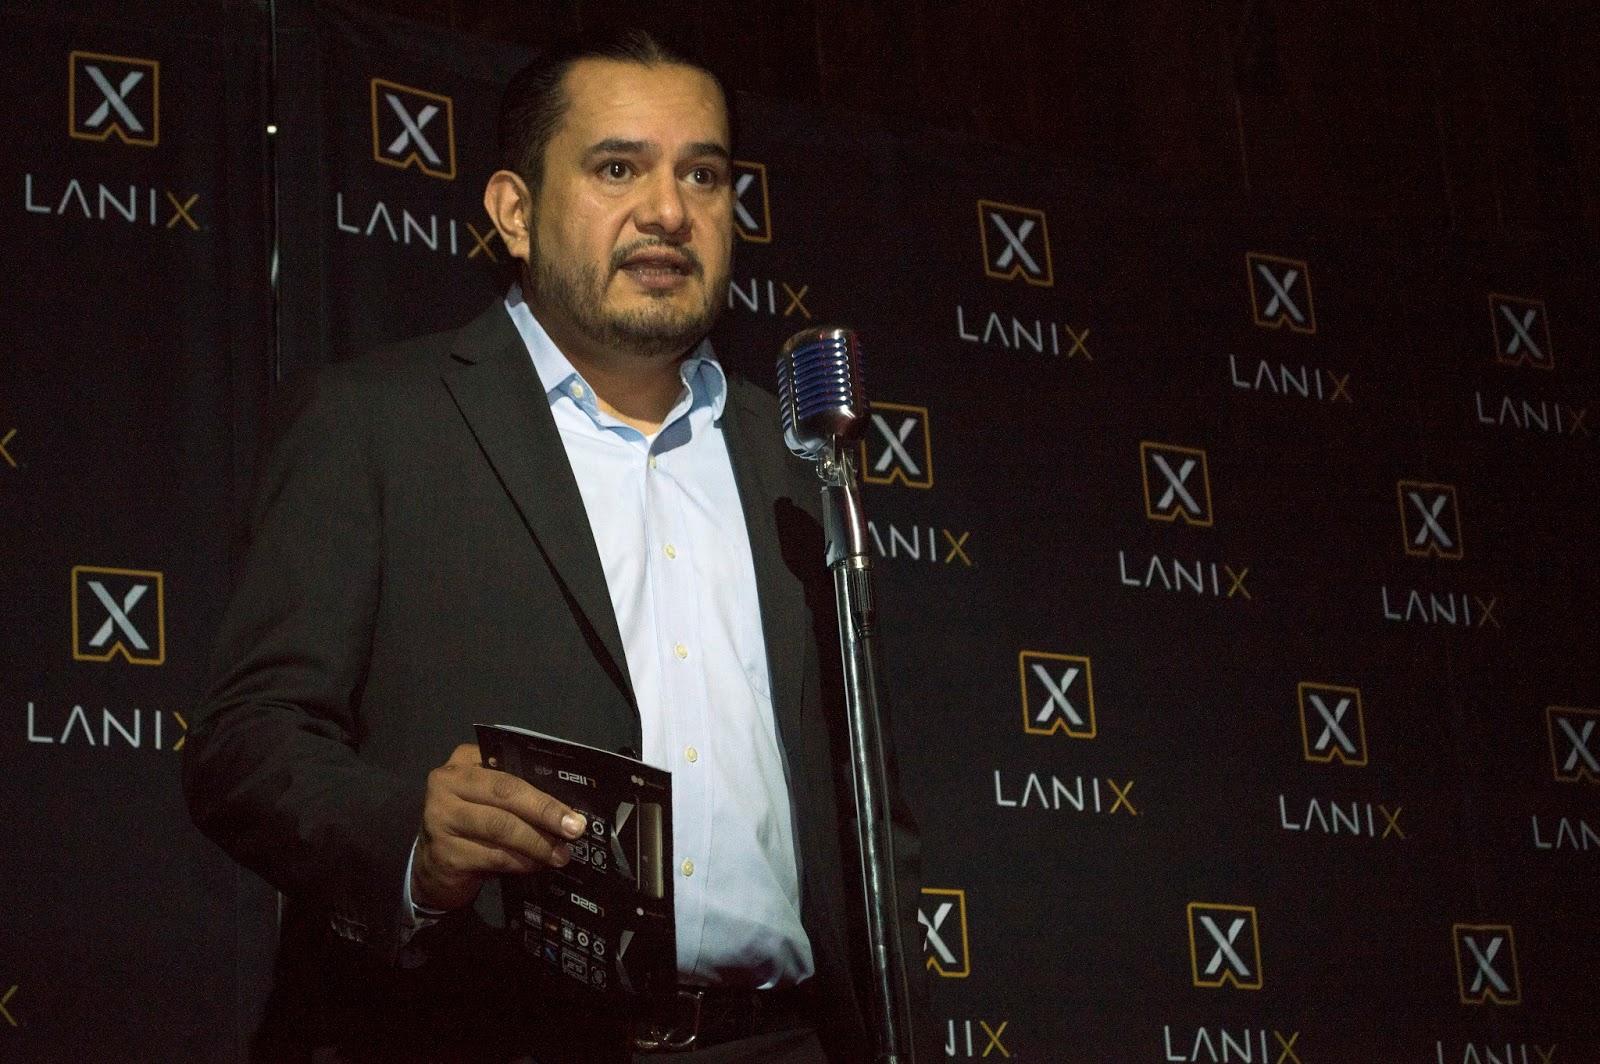 Lanix presenta nueva imagen y nuevos equipos L1120 y x520 ~ Tecnocat